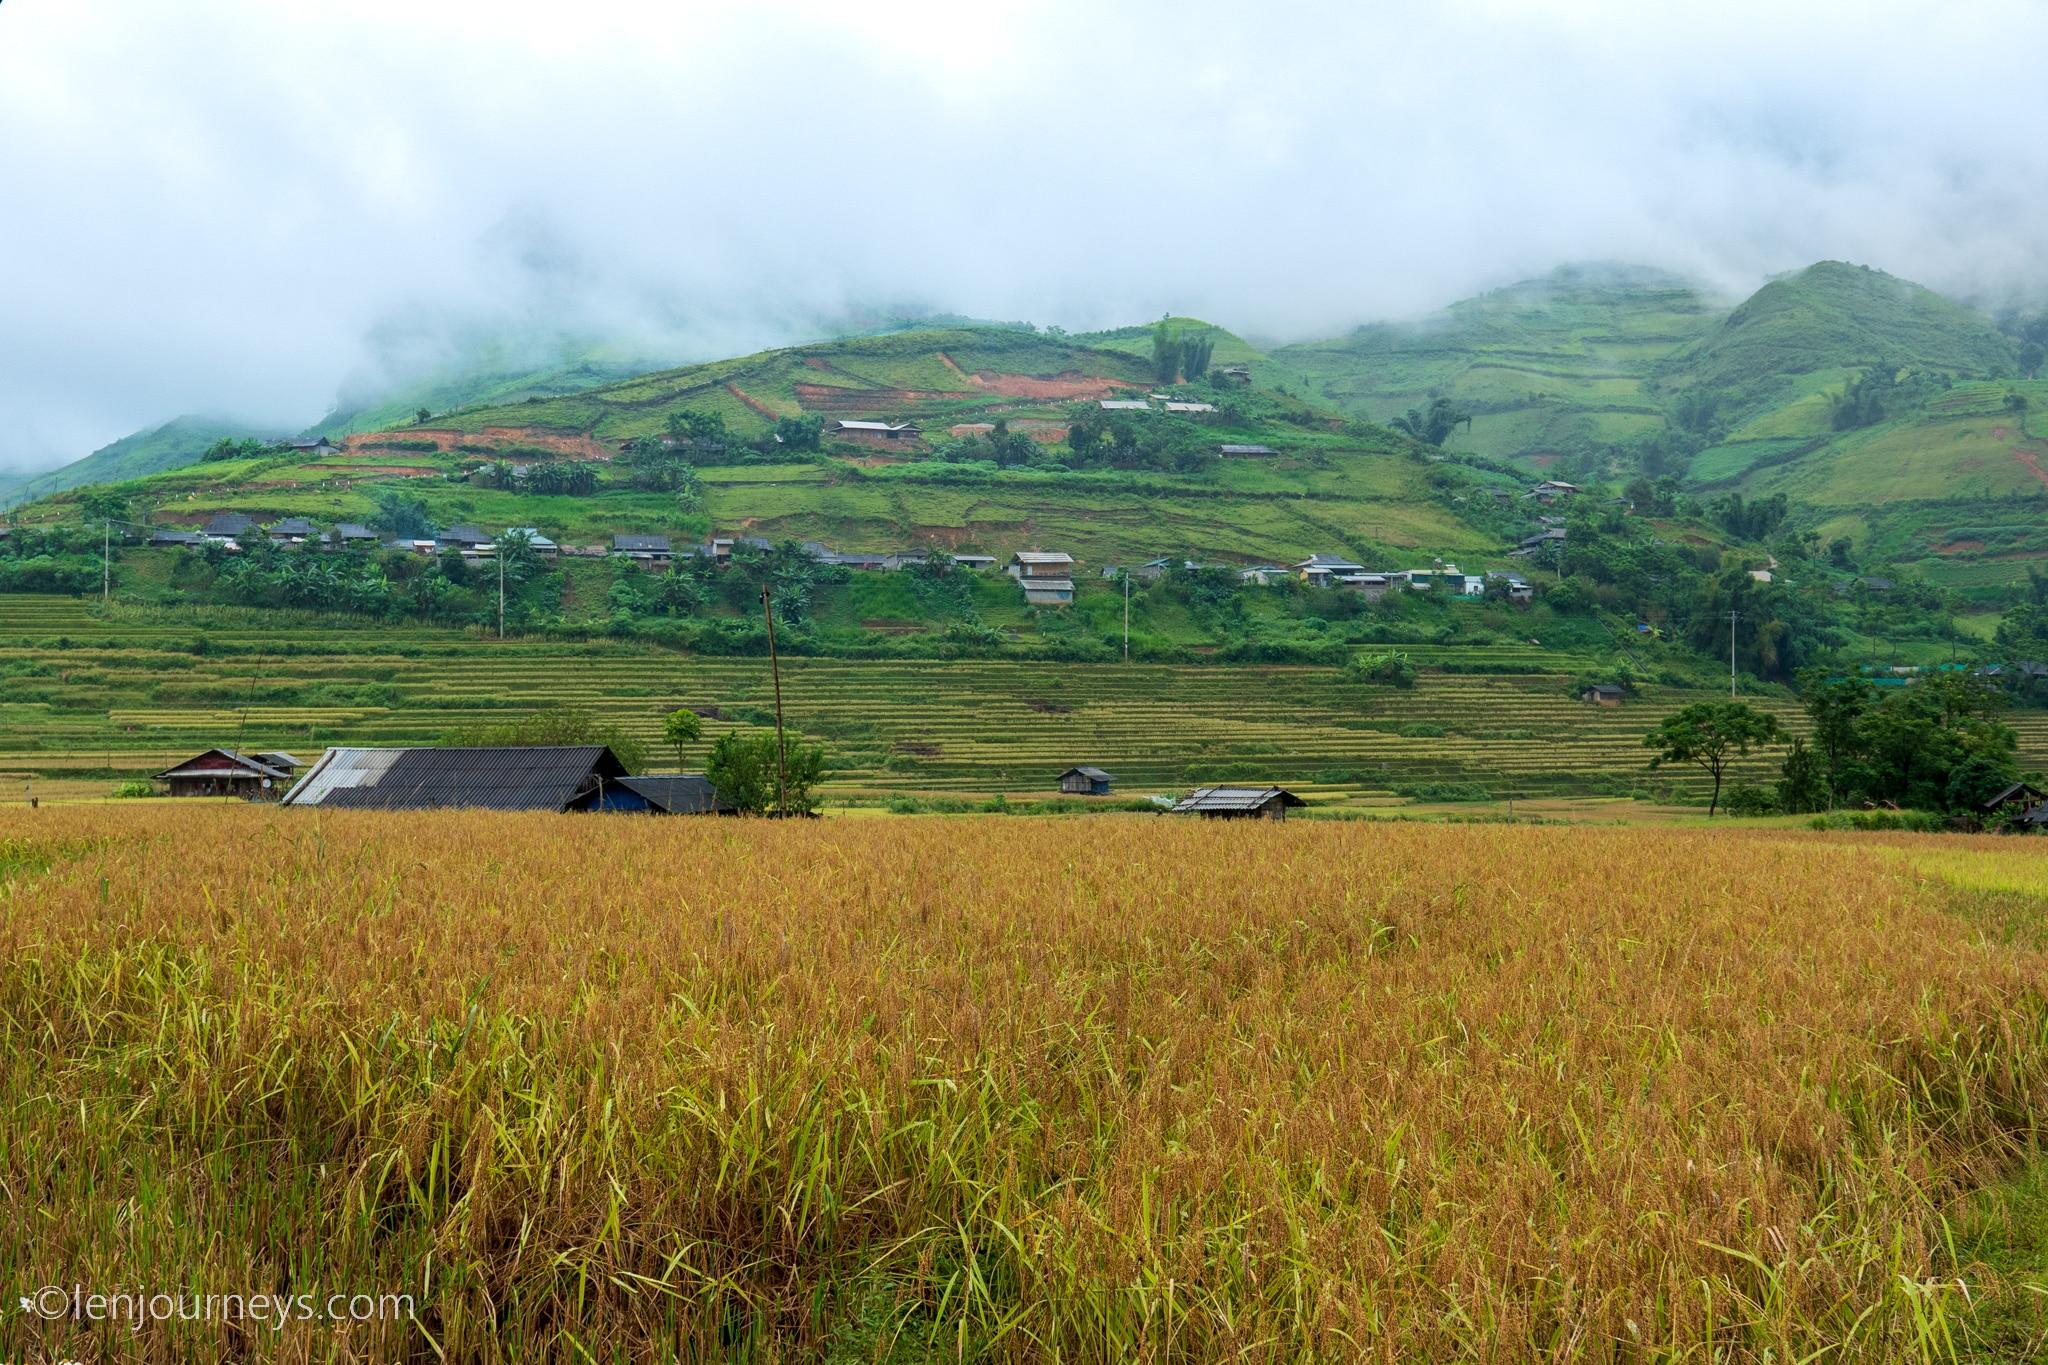 Ripening rice paddies